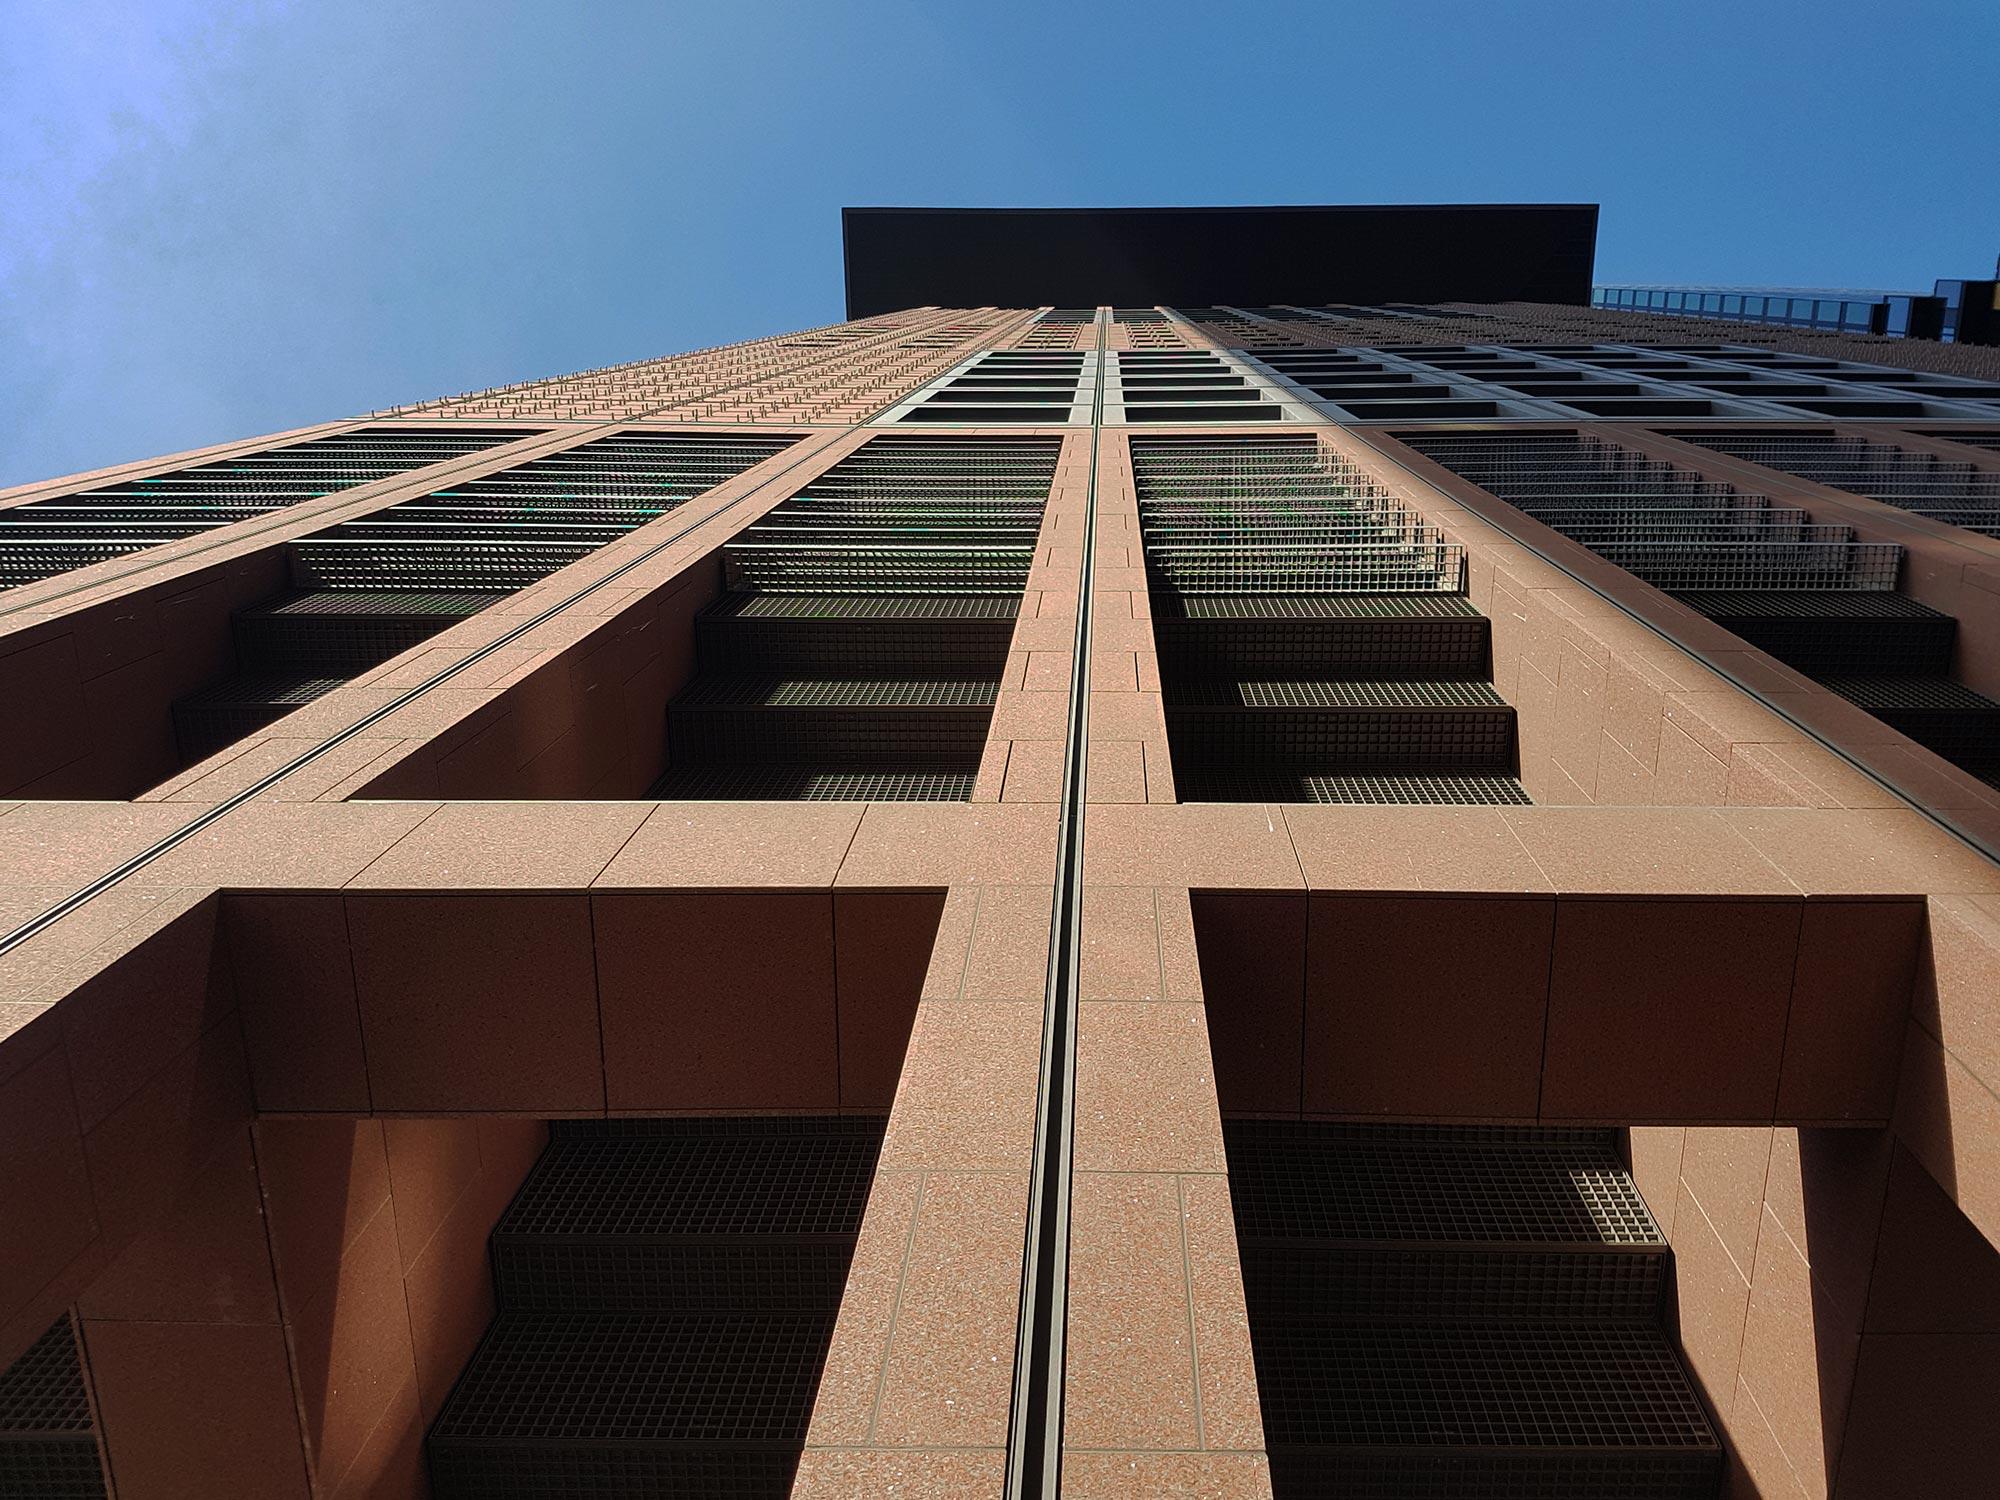 Japancenter Frankfurt - Fassade - Architektur von Ganz & Rolfes - Japanische Architektur in Deutschland - Asiatischer Einfluß